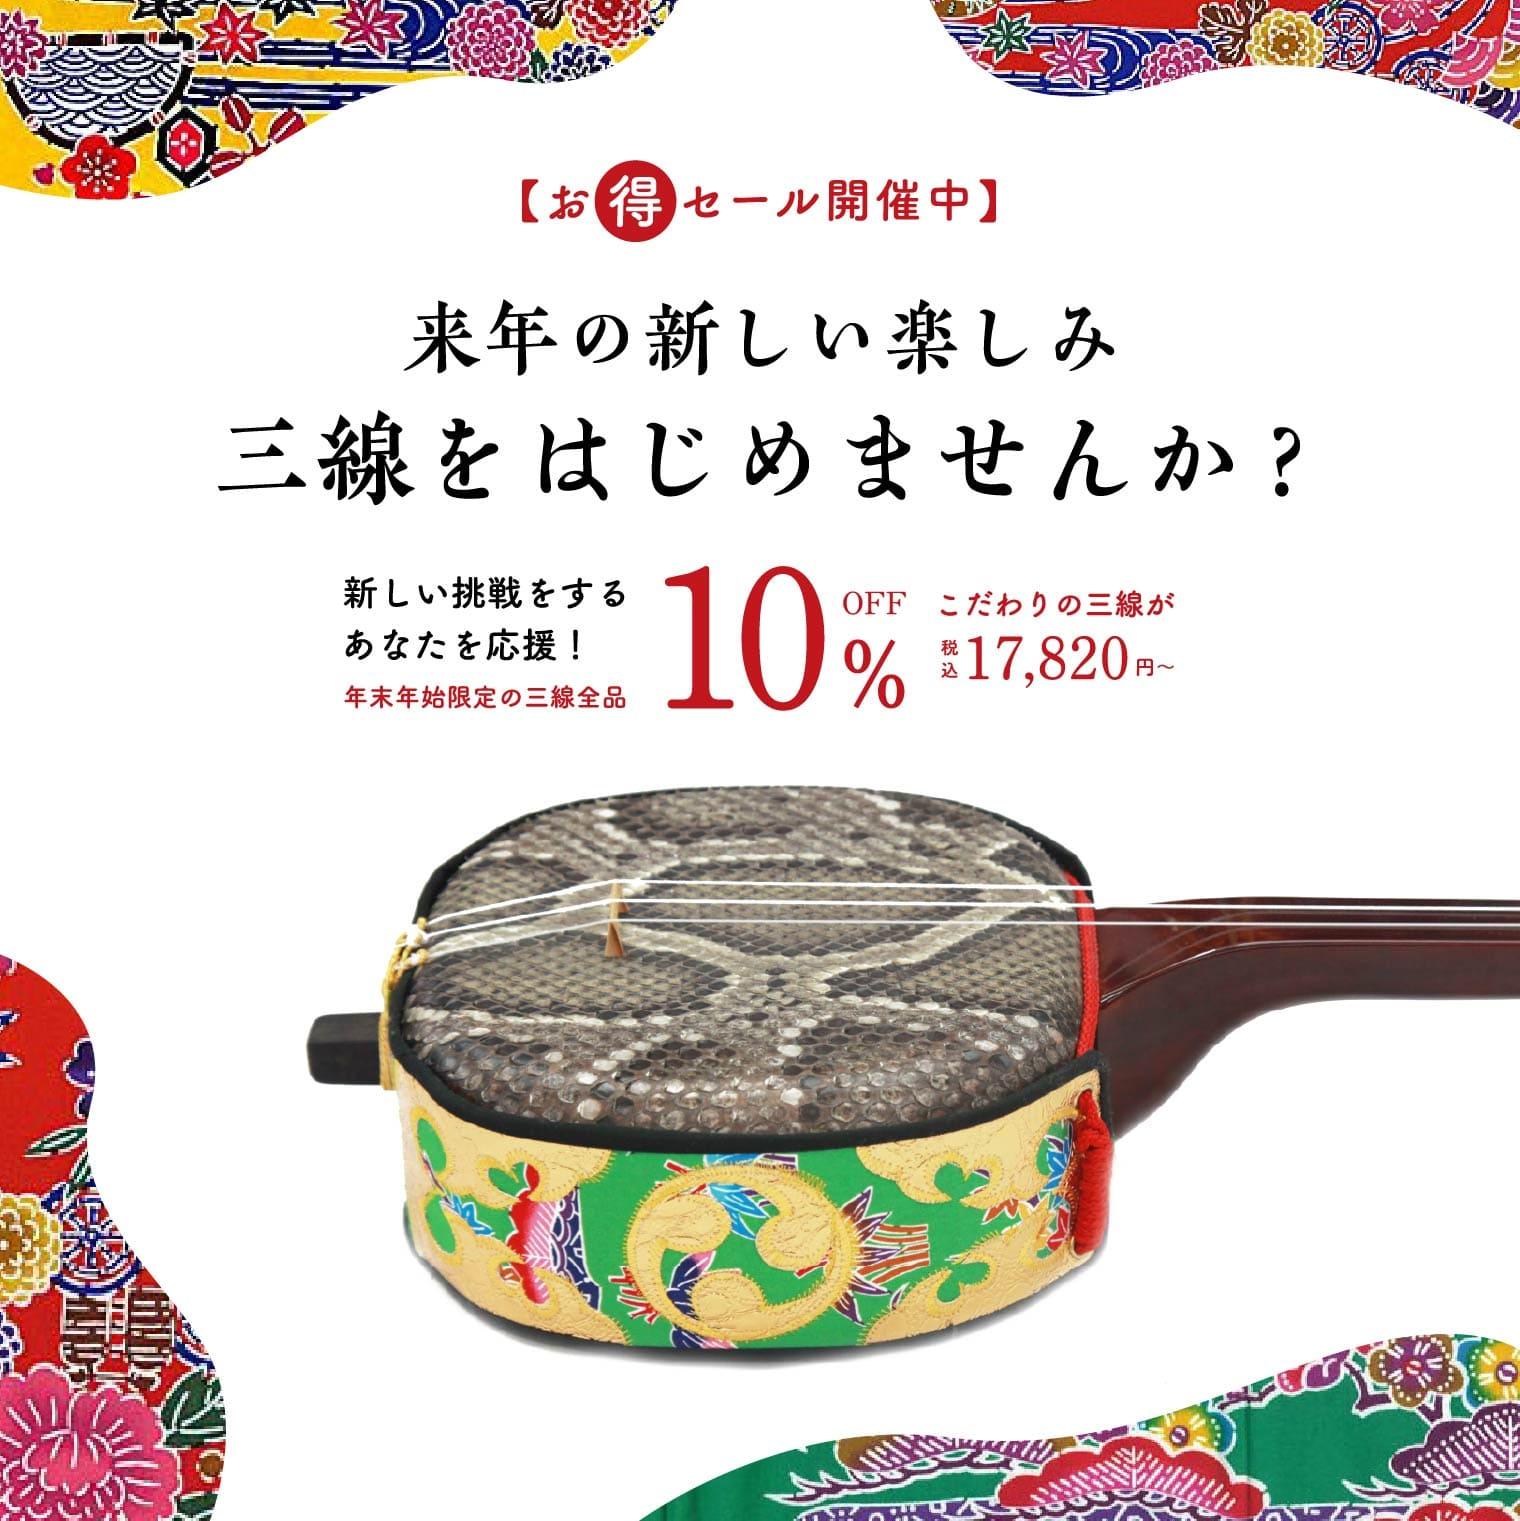 来年の新しい楽しみ 三線をはじめませんか? つは琉球店のこだわりの三線が全品10%オフ